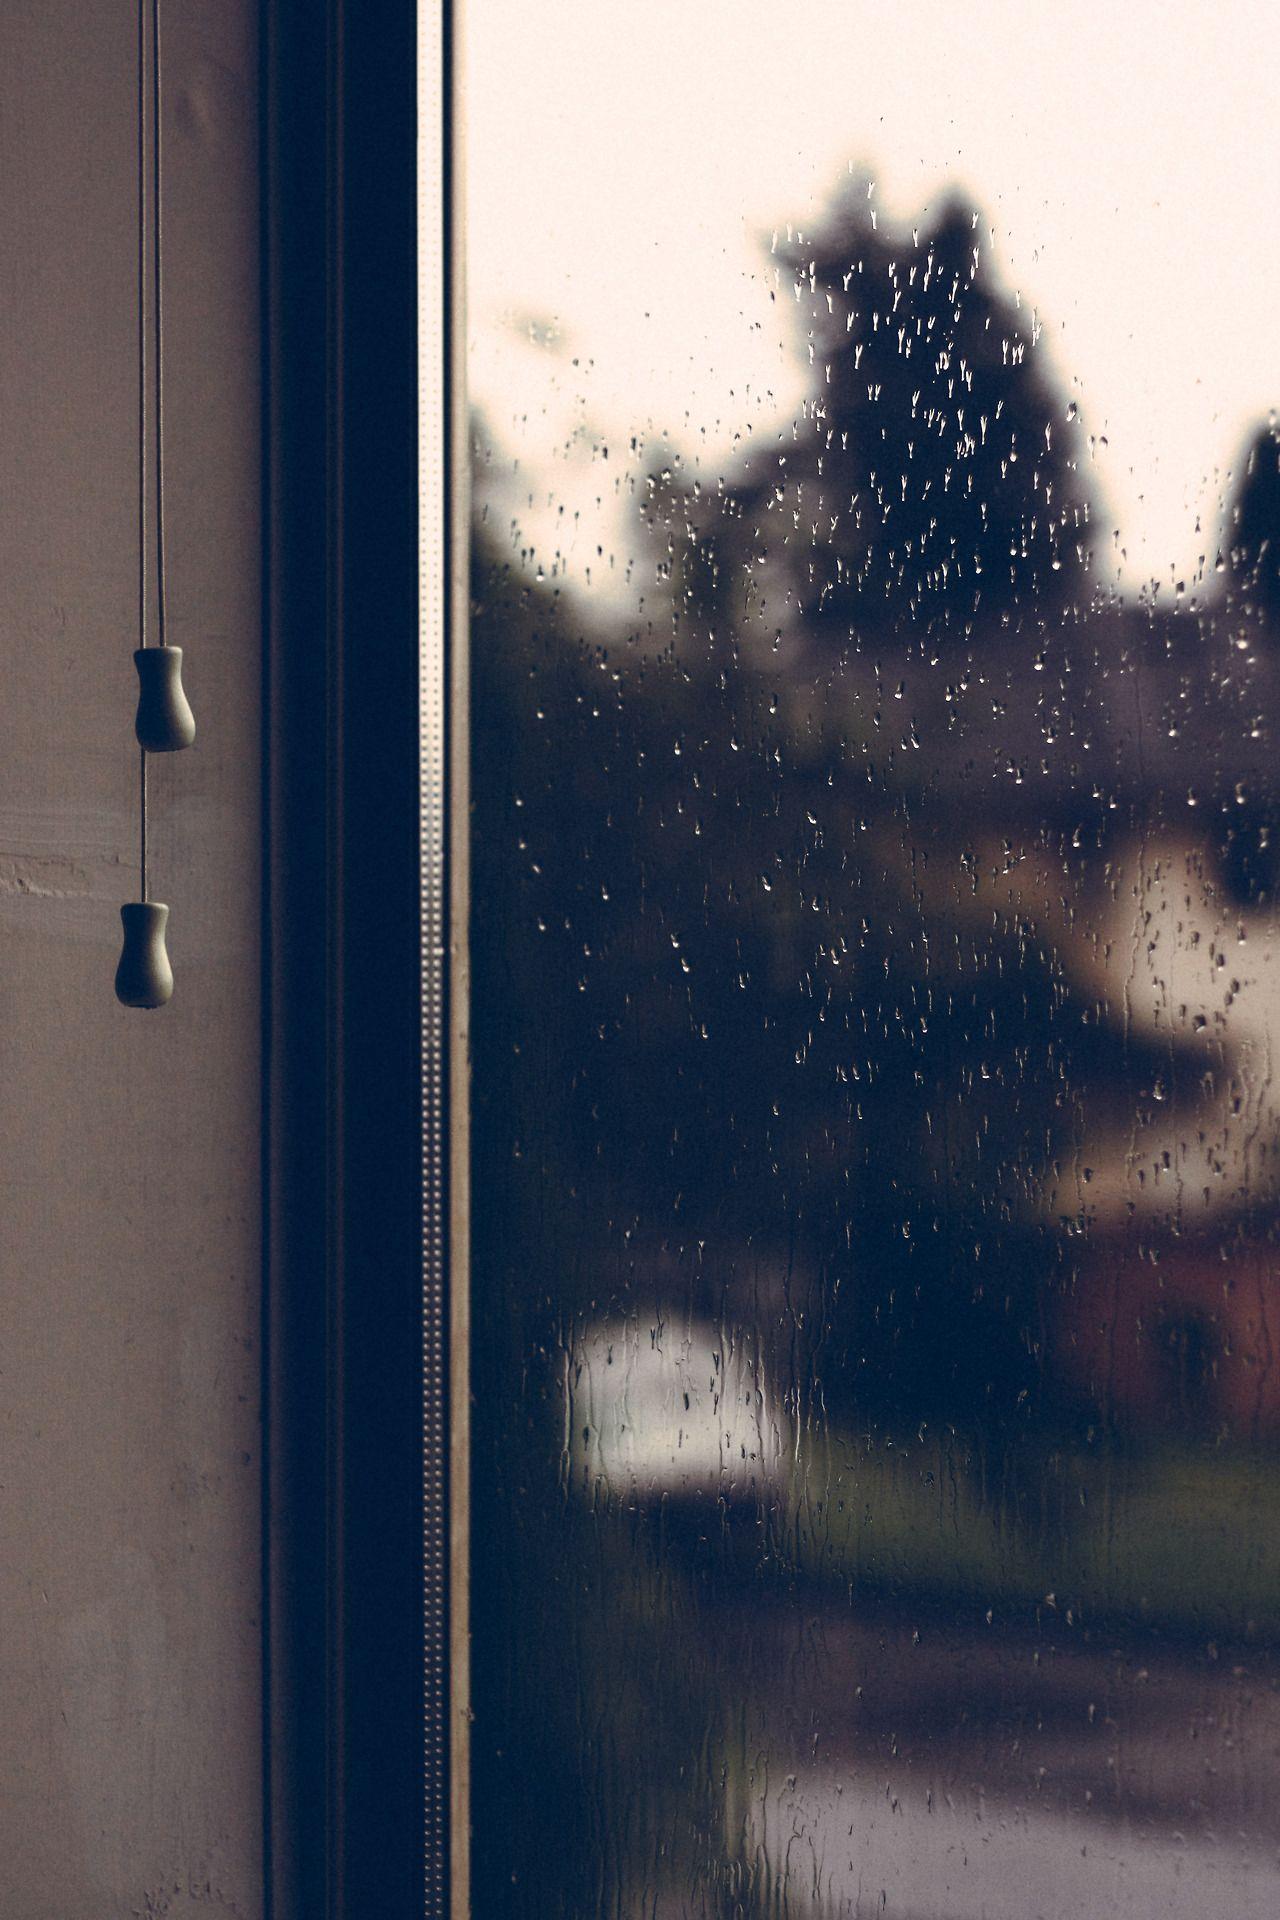 Pokec0re Rainy Day Rain Photography Rainy Window Rain Wallpapers